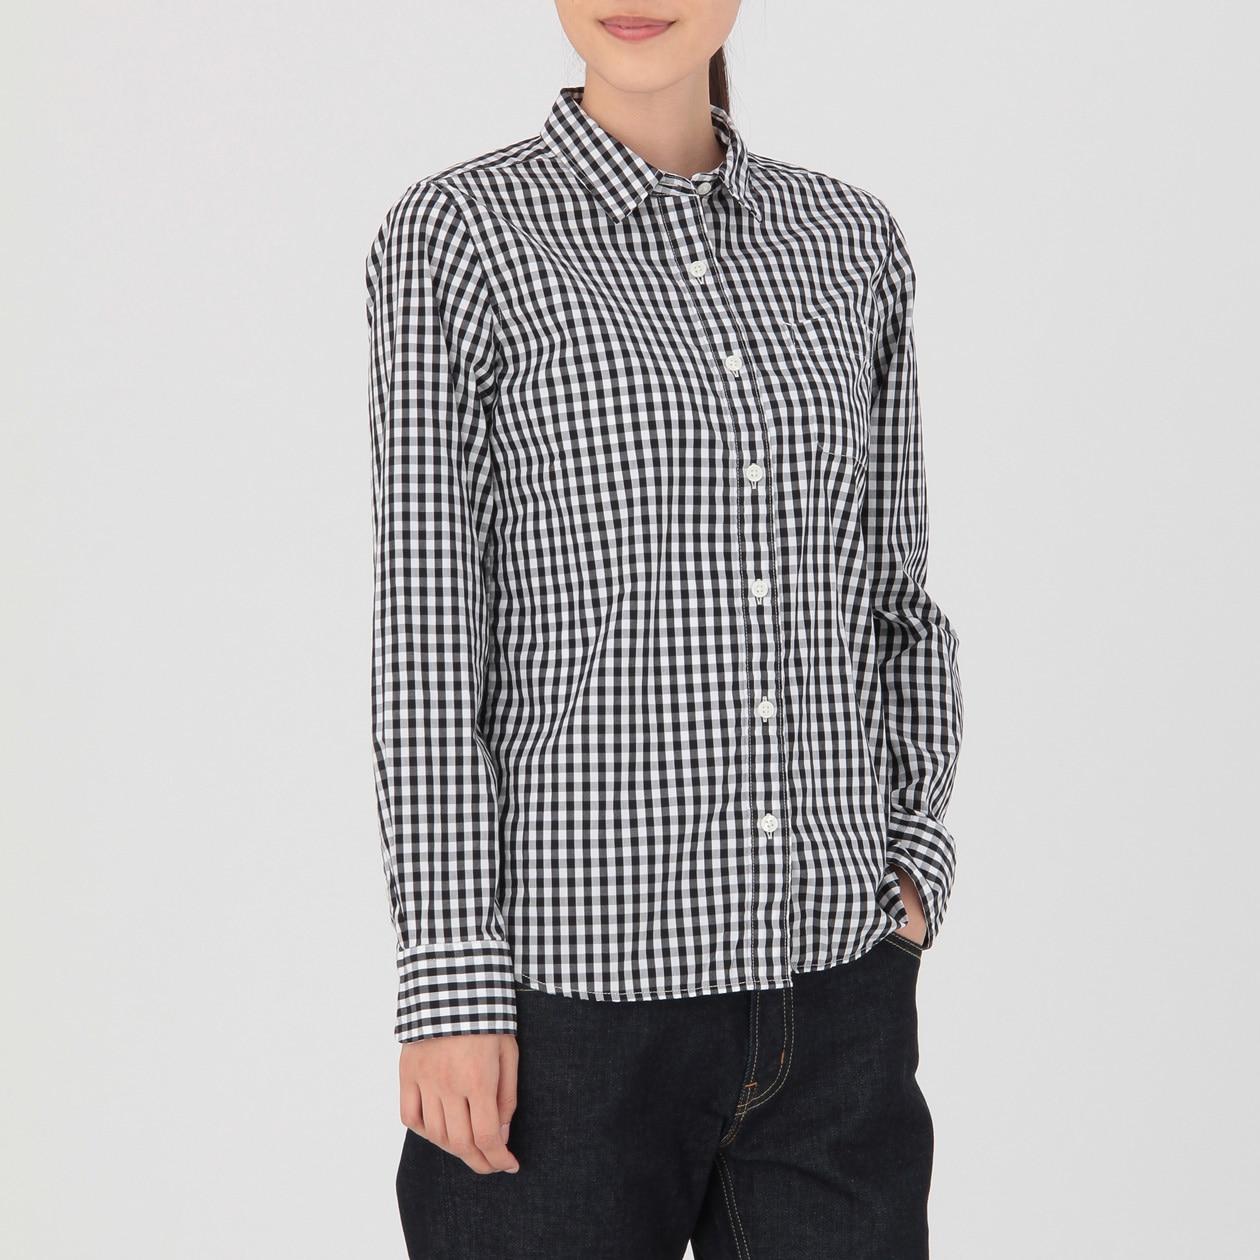 無印おすすめシャツ②シンプル白シャツ